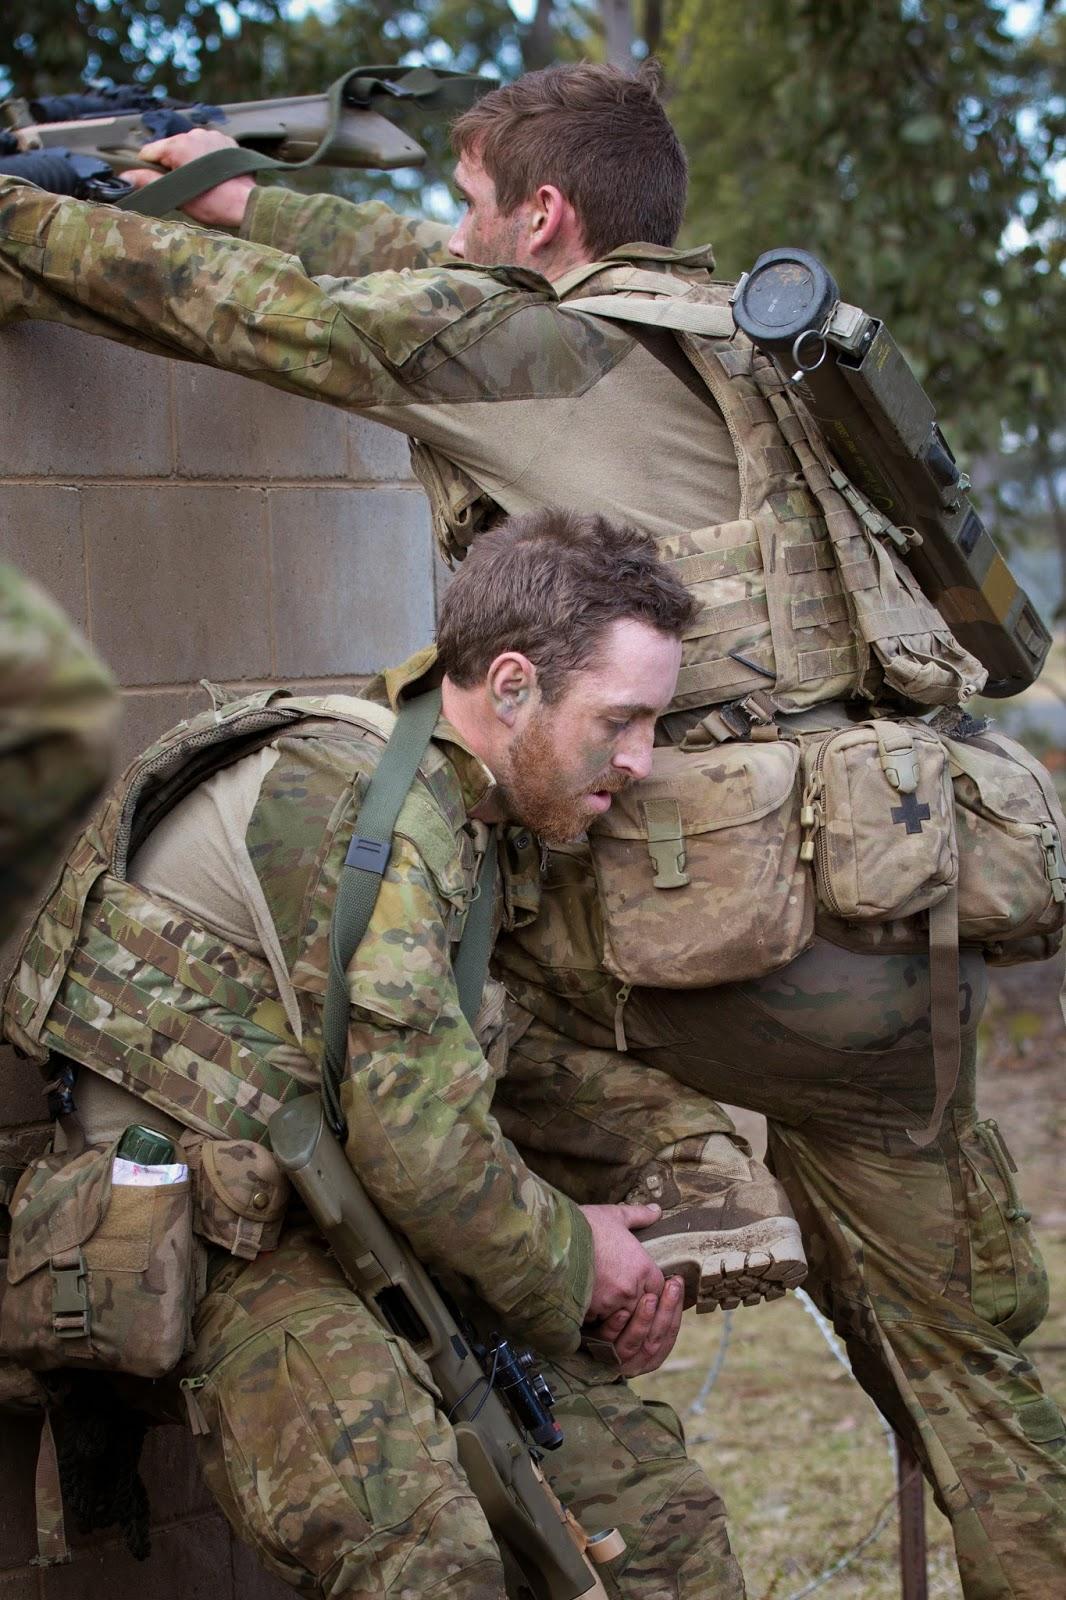 Novedades camos australianos AMCU%2BMultiCam%2BEquipment